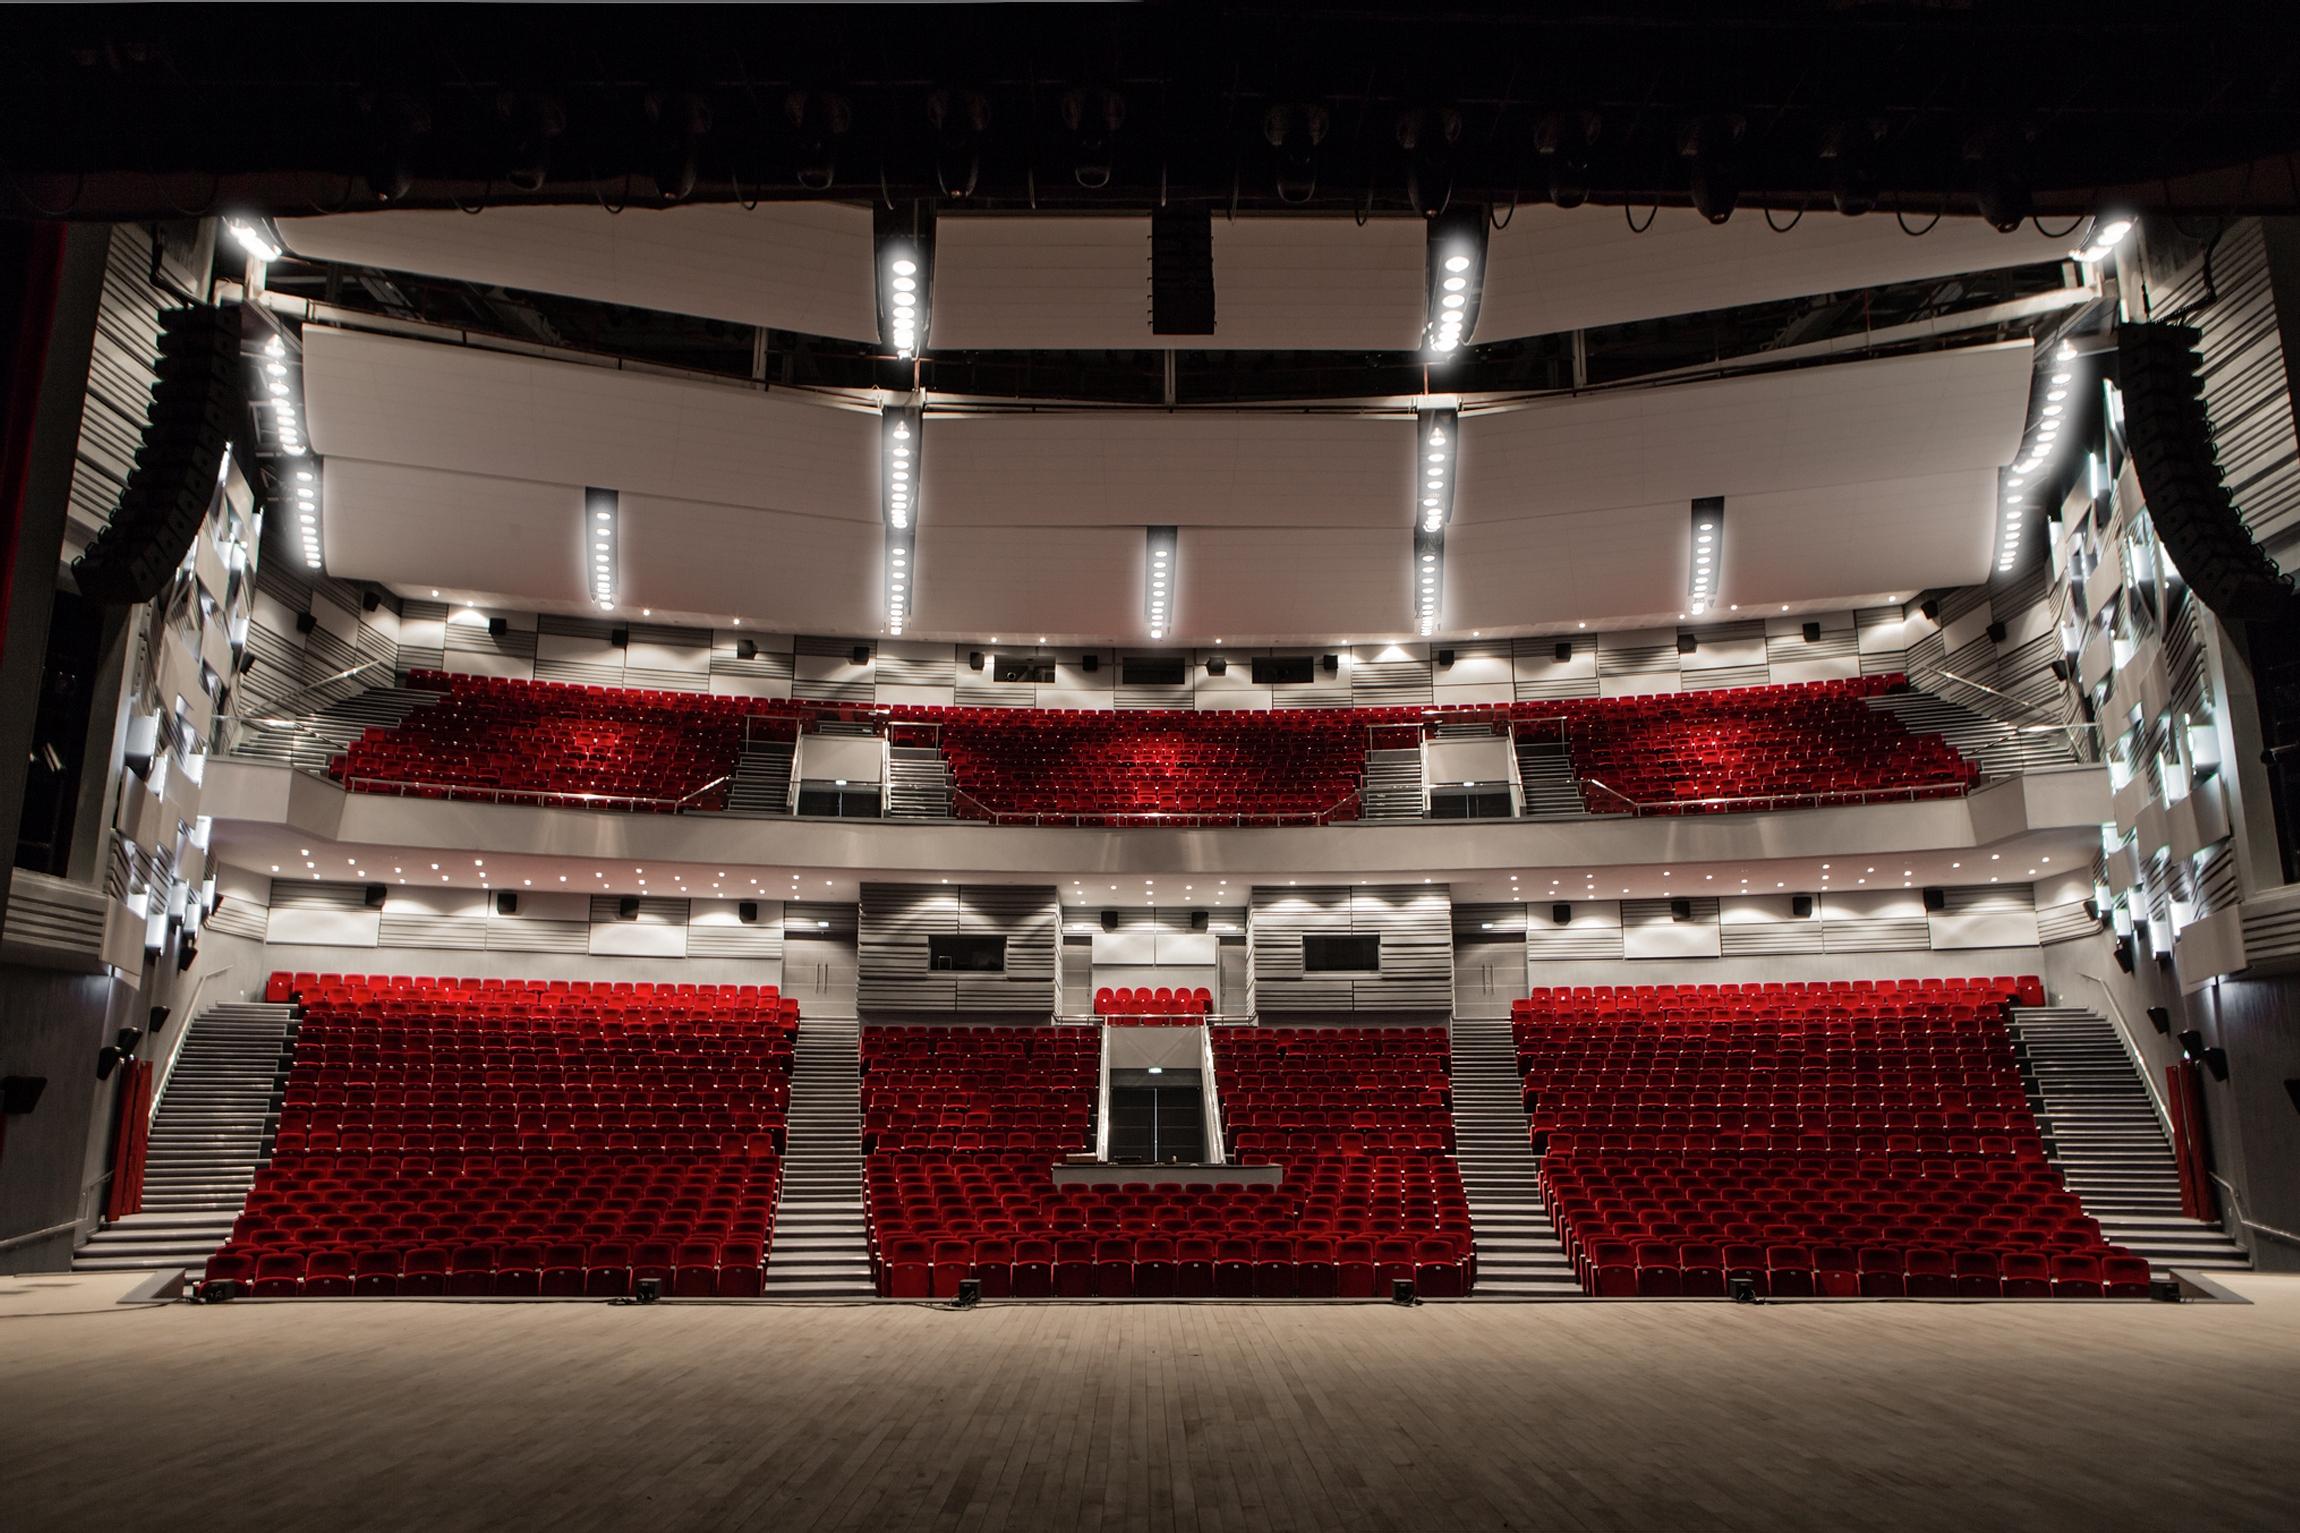 итоге фото концертного зала в пензе называется функция